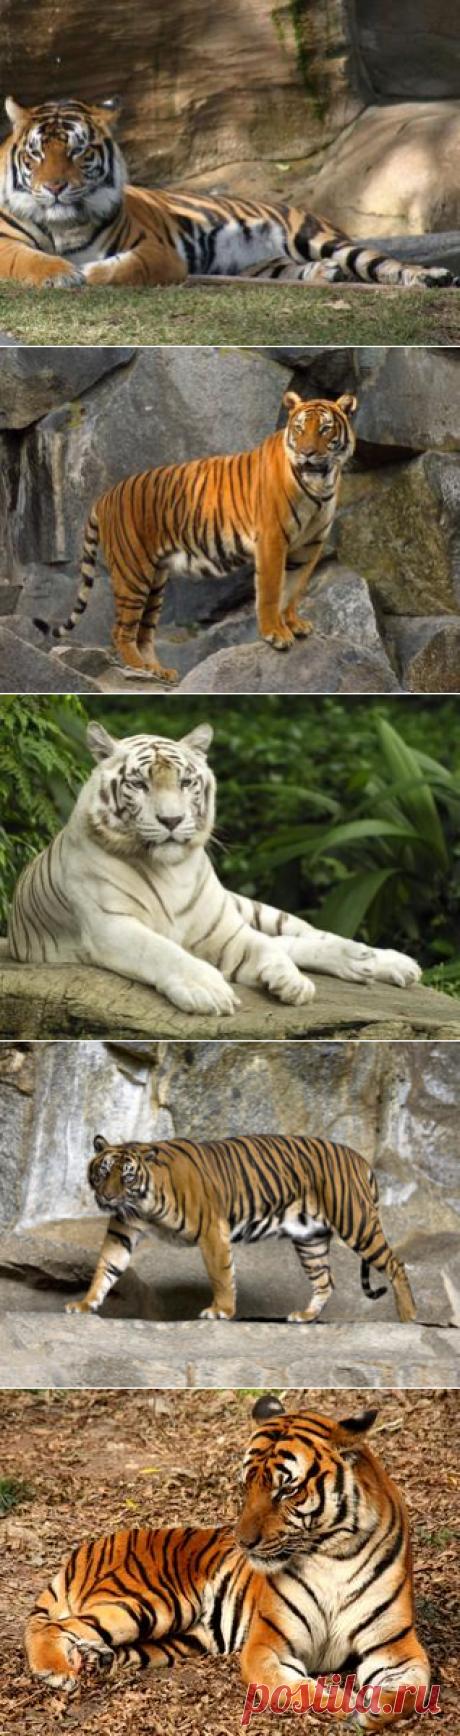 Смотреть изображения тигров | Зооляндия